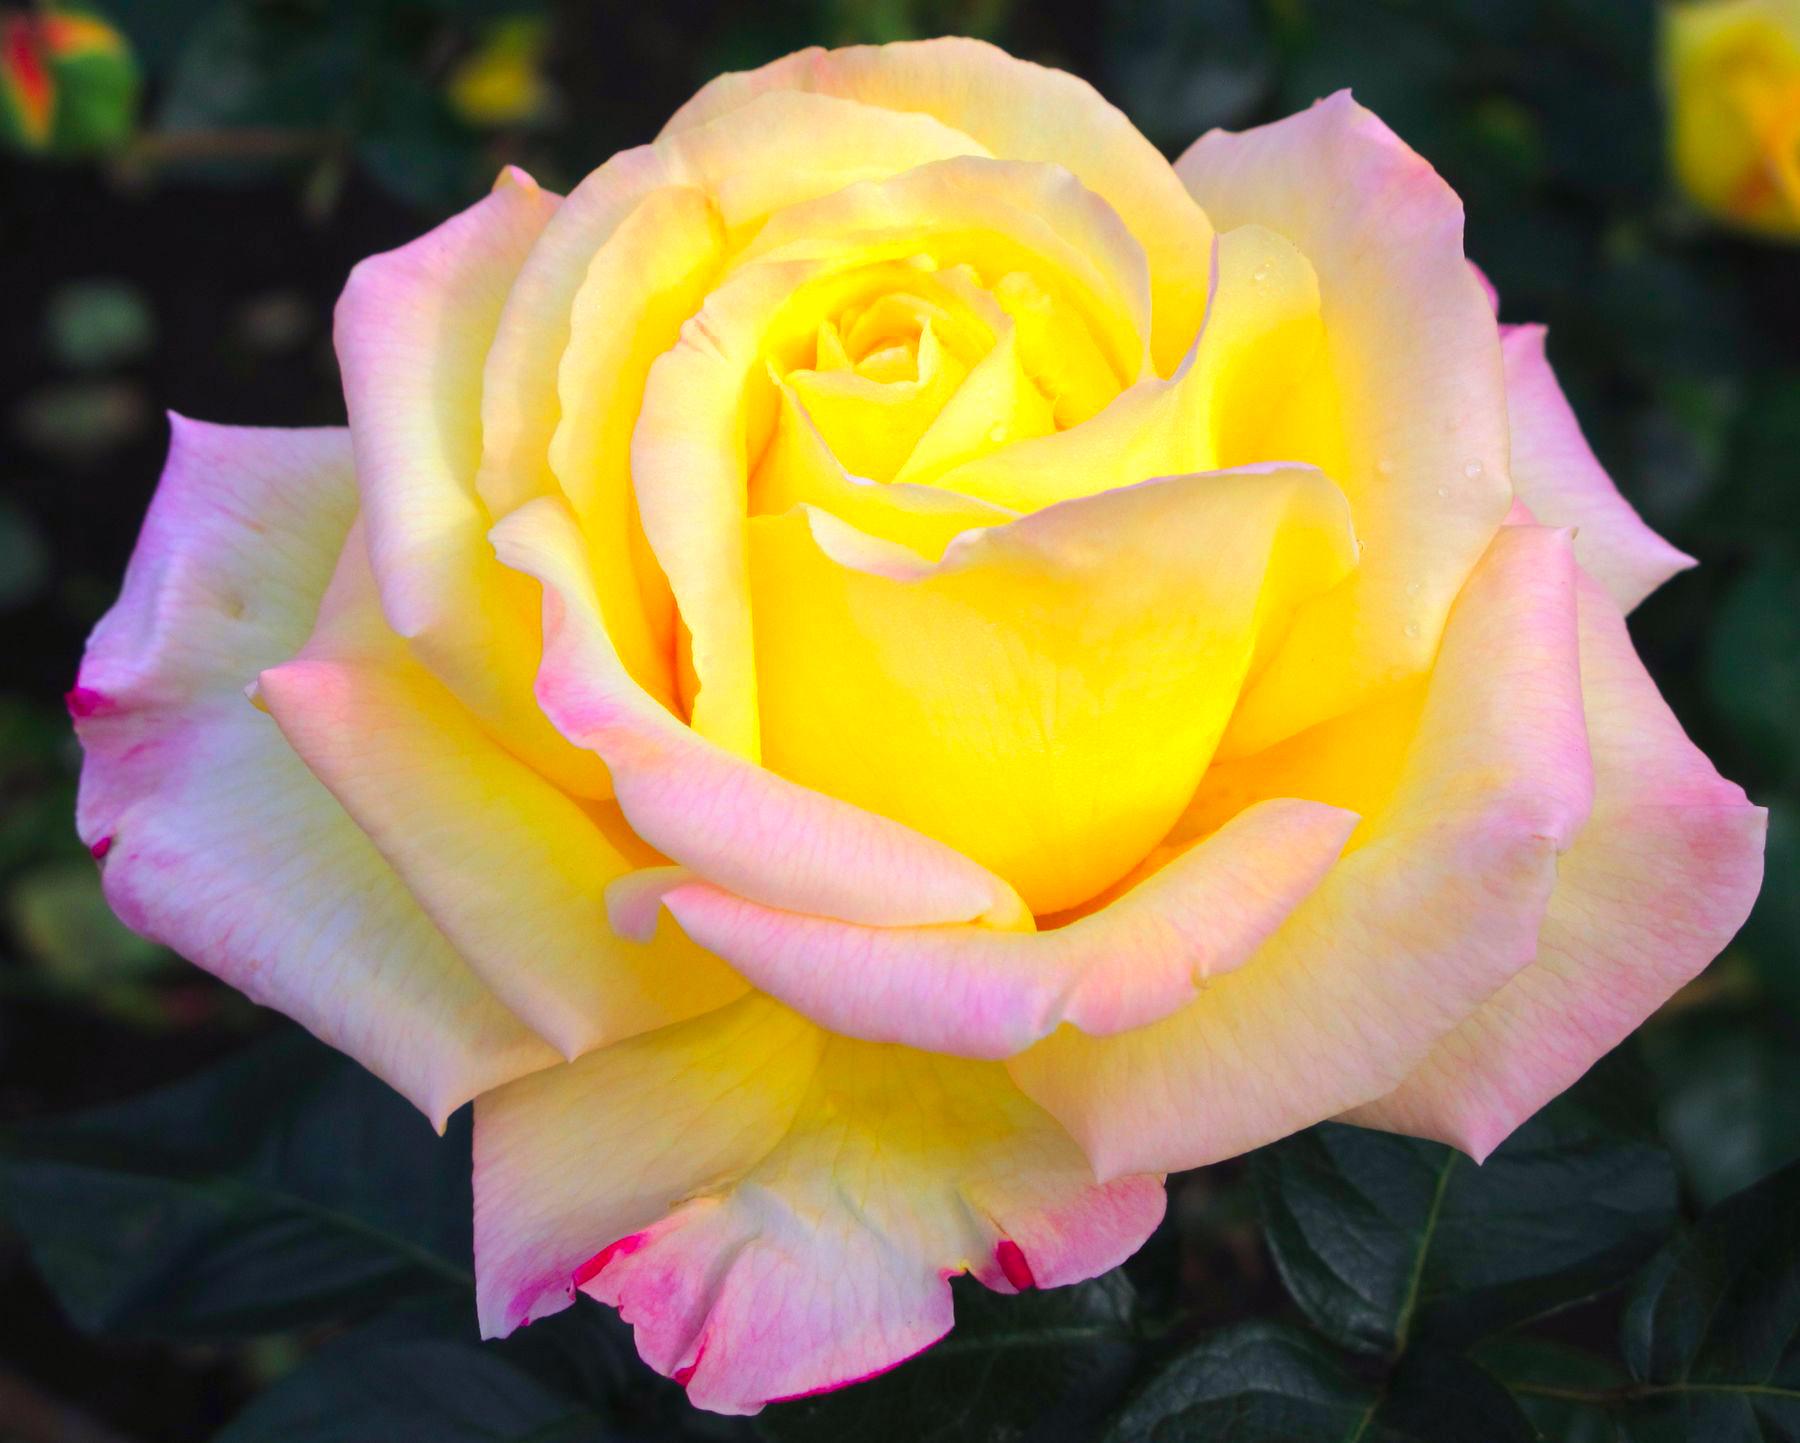 определиться заказать сорт розы глория дей фото должно